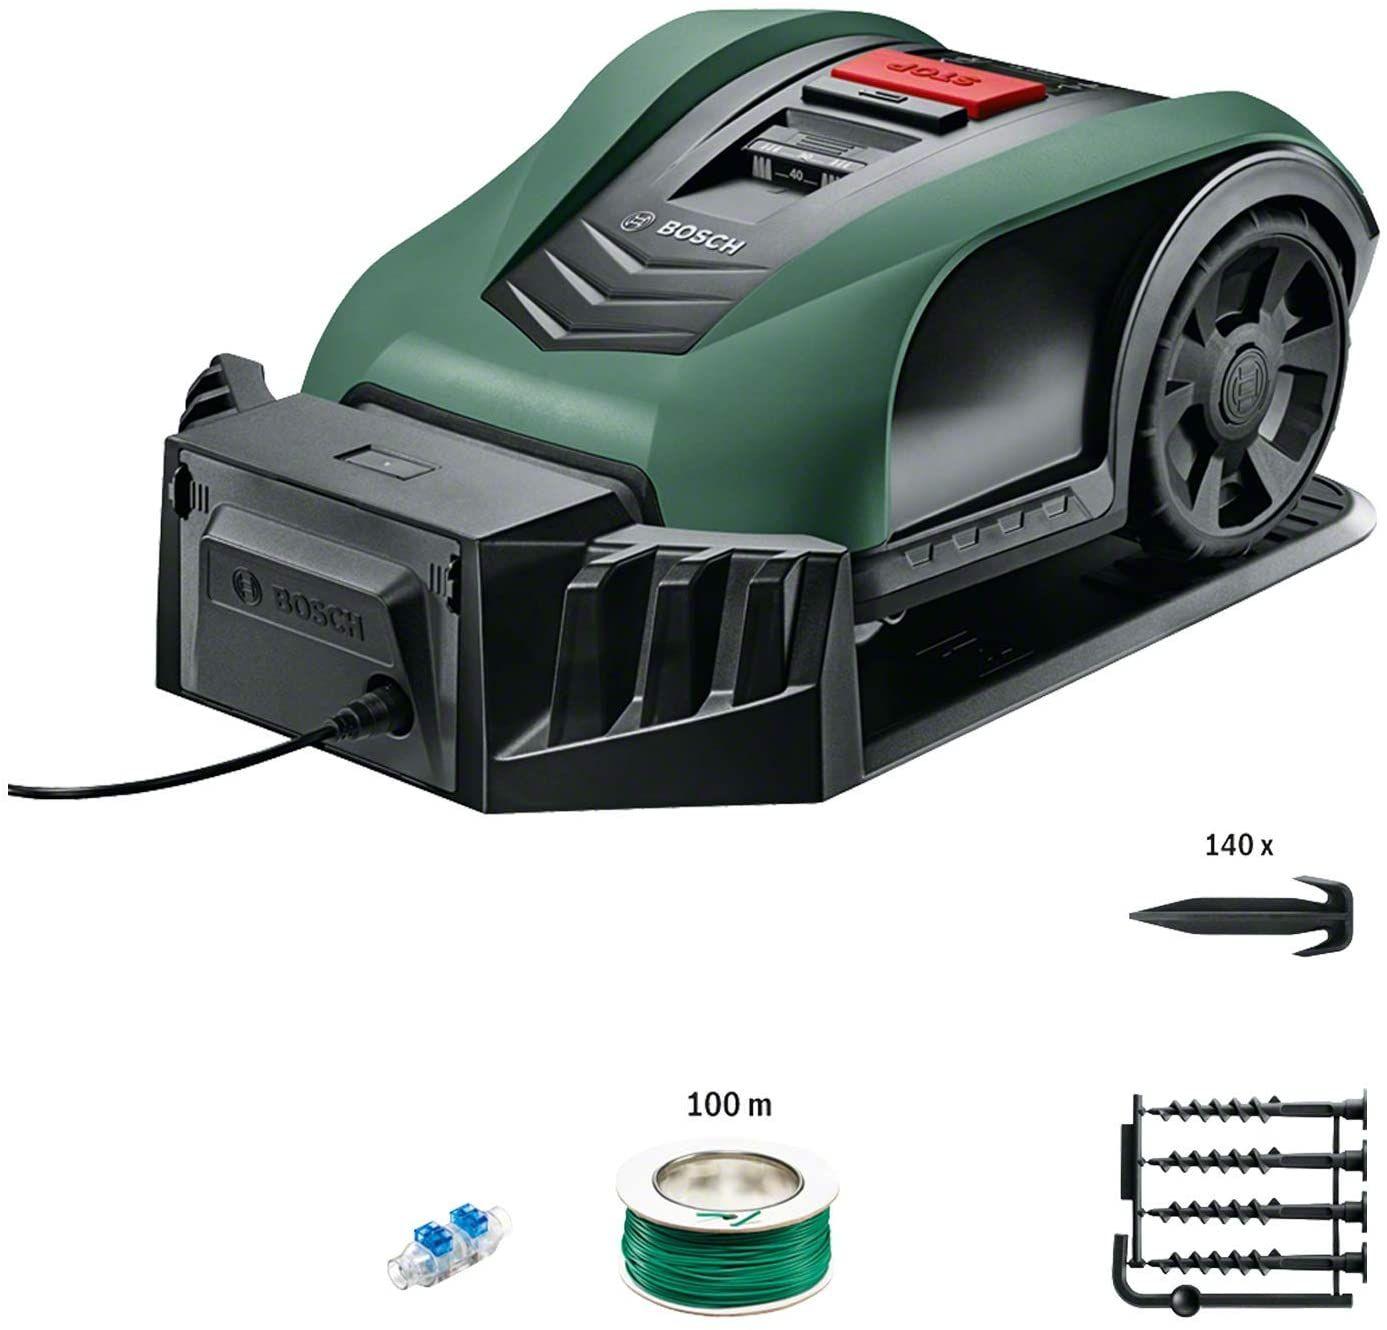 Tondeuse robot connectée Bosch Indego S+ 350 (contrôle avec smartphone,largeur de coupe de 19 cm, superficie max 350 m², avec accessoires)